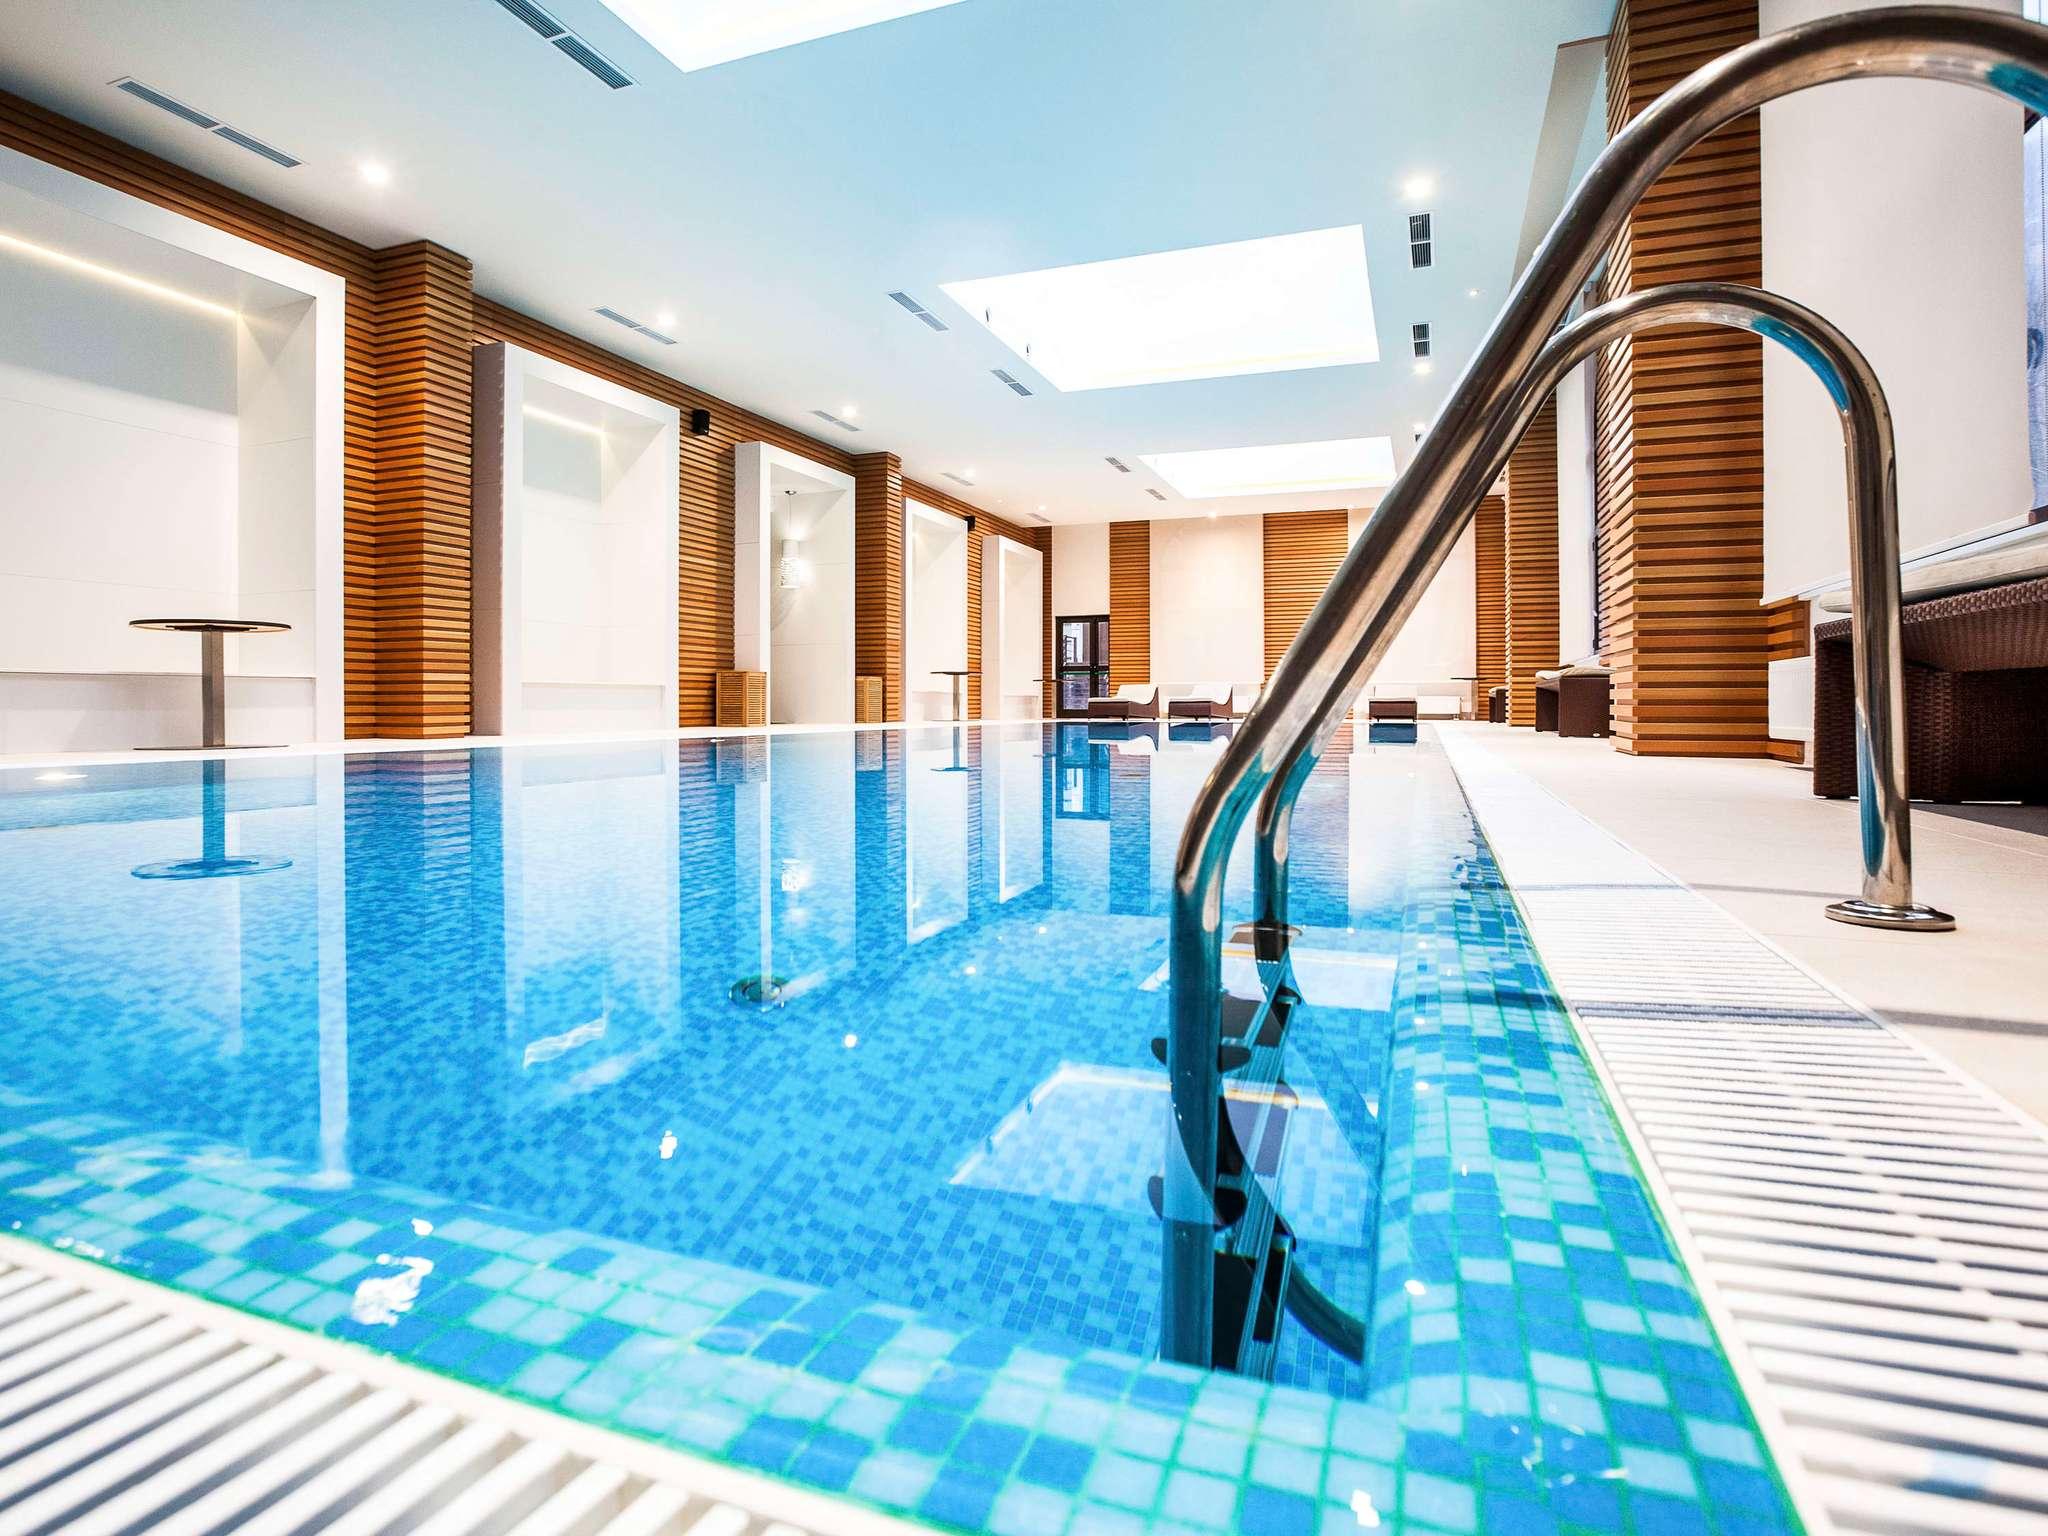 โรงแรม – Mercure Rosa Khutor Hotel